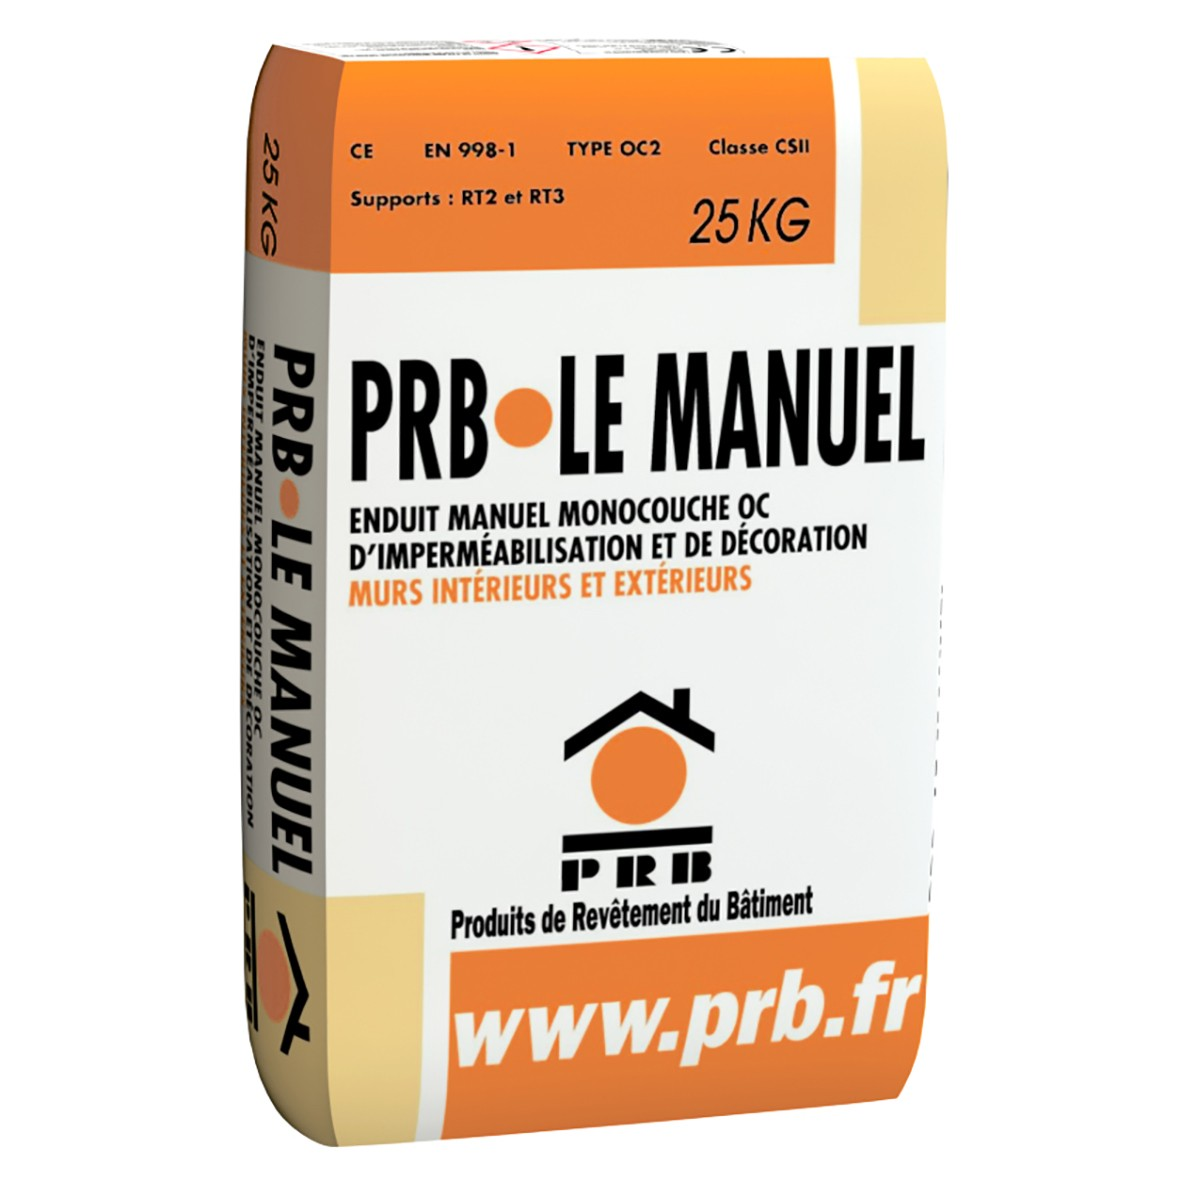 PRB LE MANUEL 25 KG